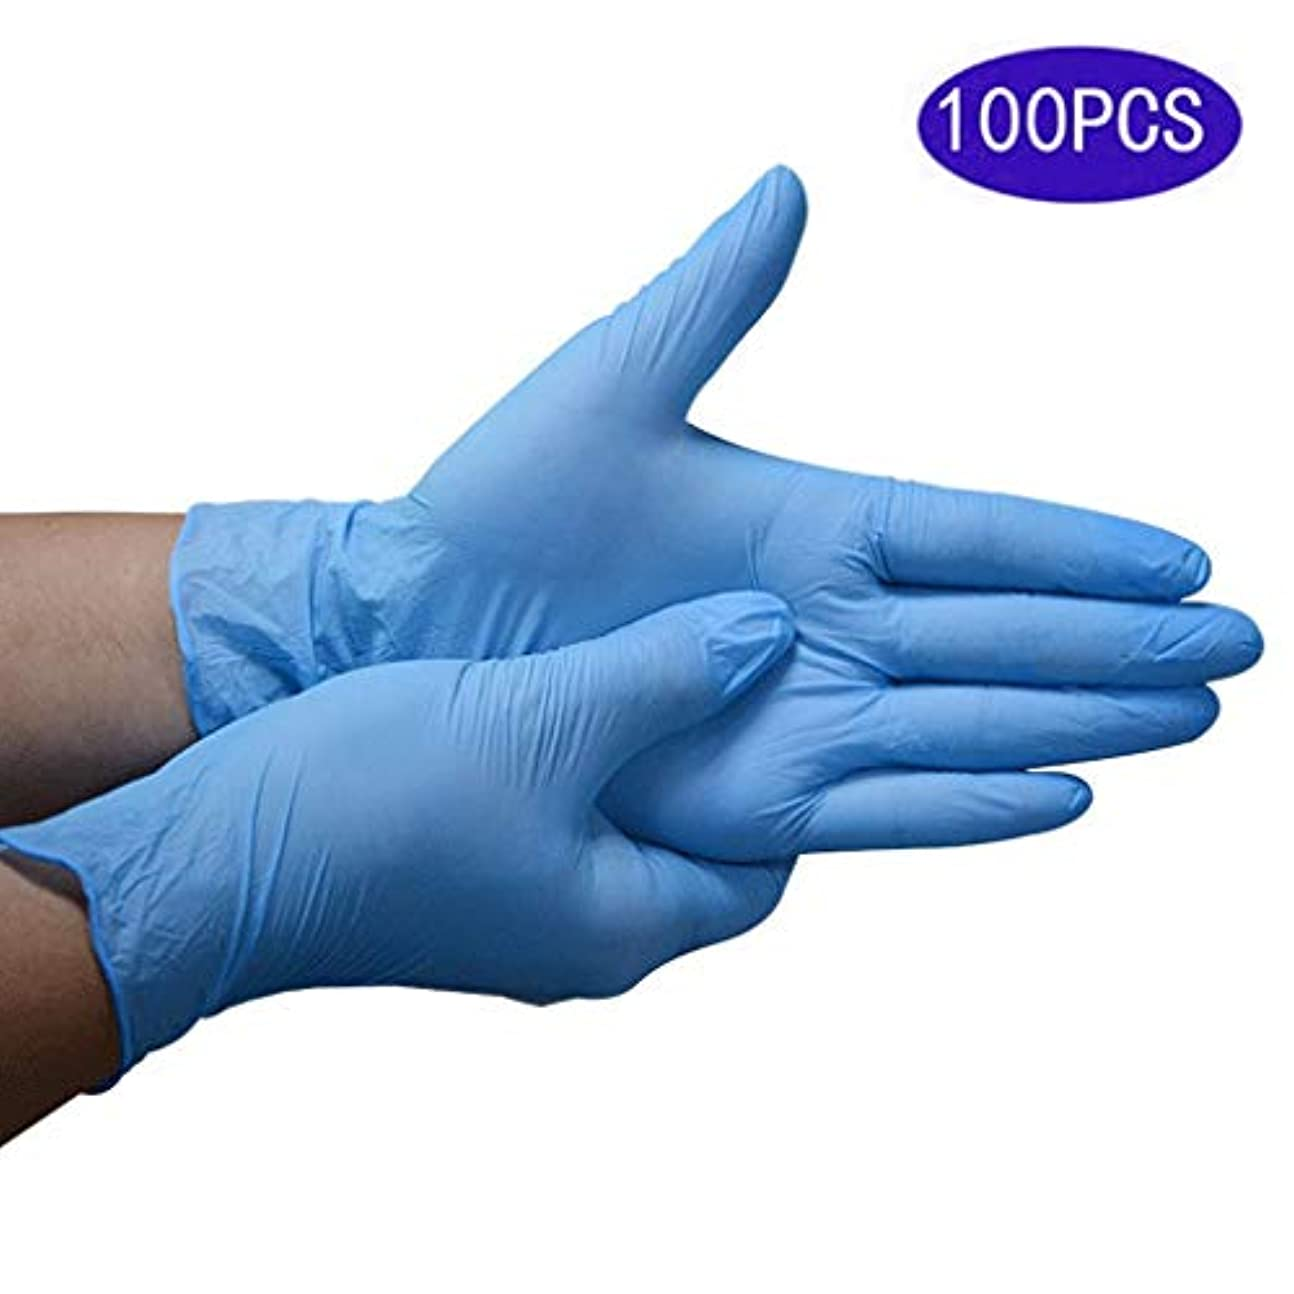 南極タウポ湖チチカカ湖使い捨てニトリル手袋9インチゴム手袋オイルプルーフアンチスキッド家事テスト手袋、食品用ゴム手袋デューティ検査用手袋|100の病院ボックスのプロフェッショナルグレード (Size : L)